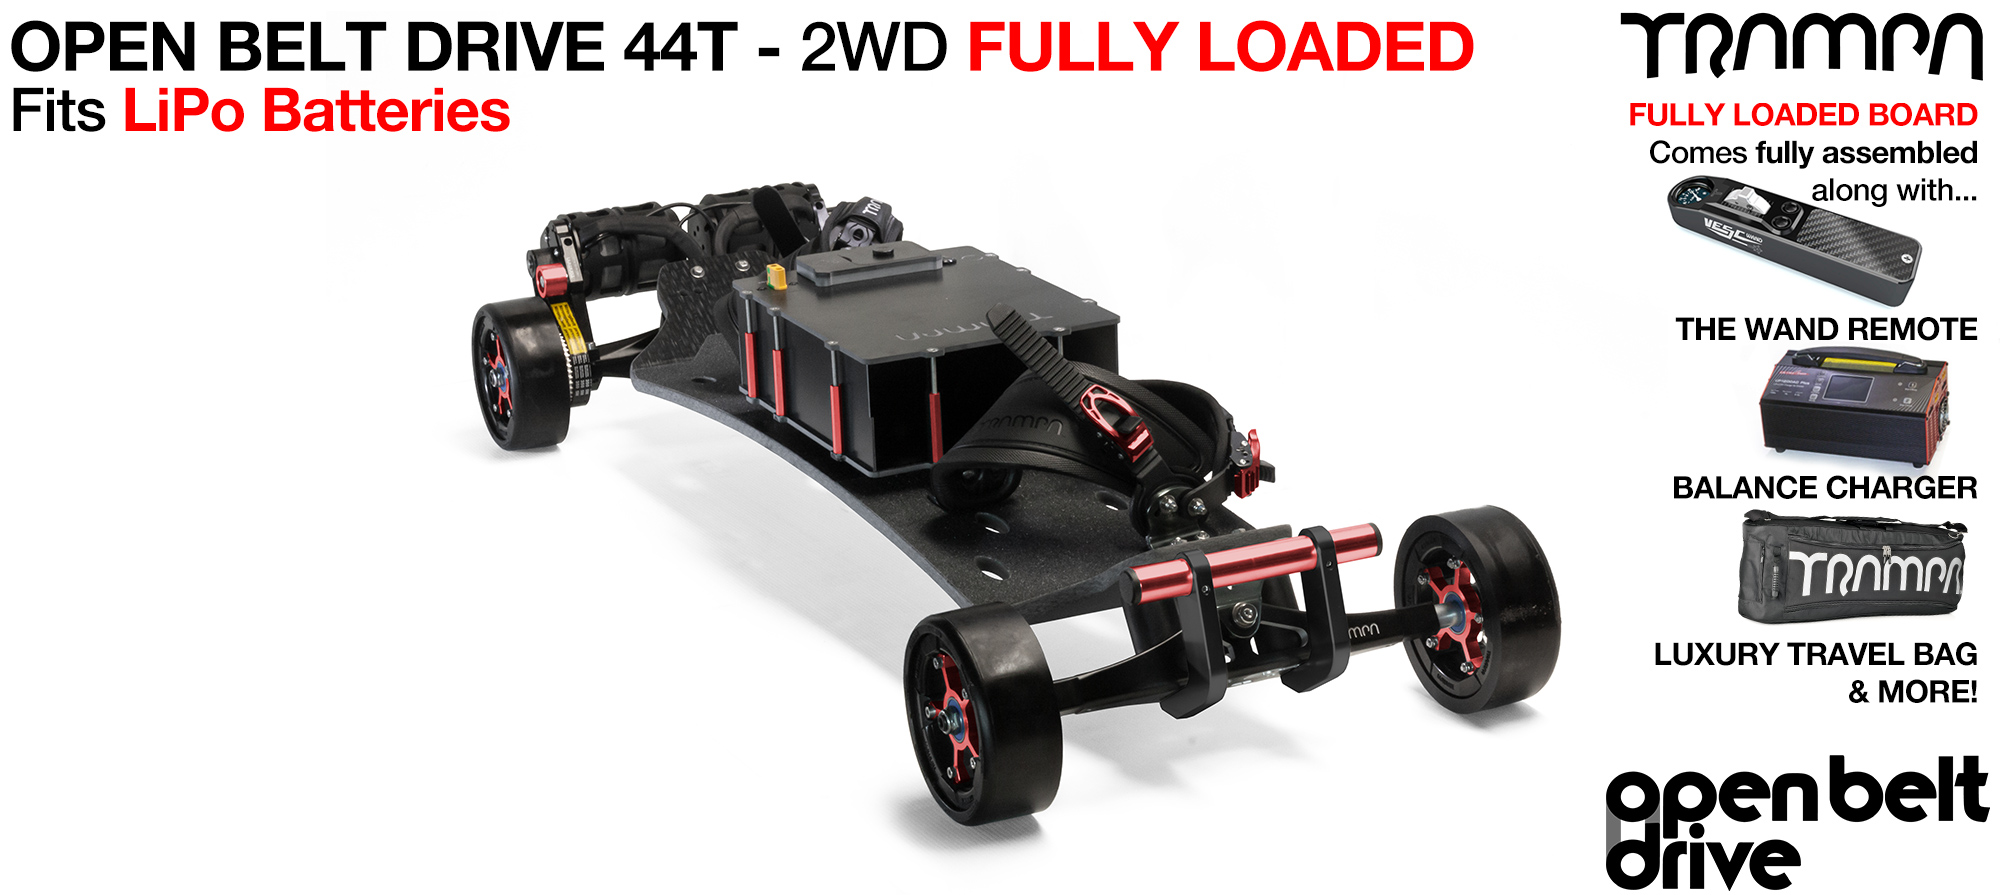 2WD 66T Open Belt Drive TRAMPA Electric Mountainboard with 125mm GUMMIES Giant Longboard Wheels & 44 Tooth Pulleys - LOADED Li-Po